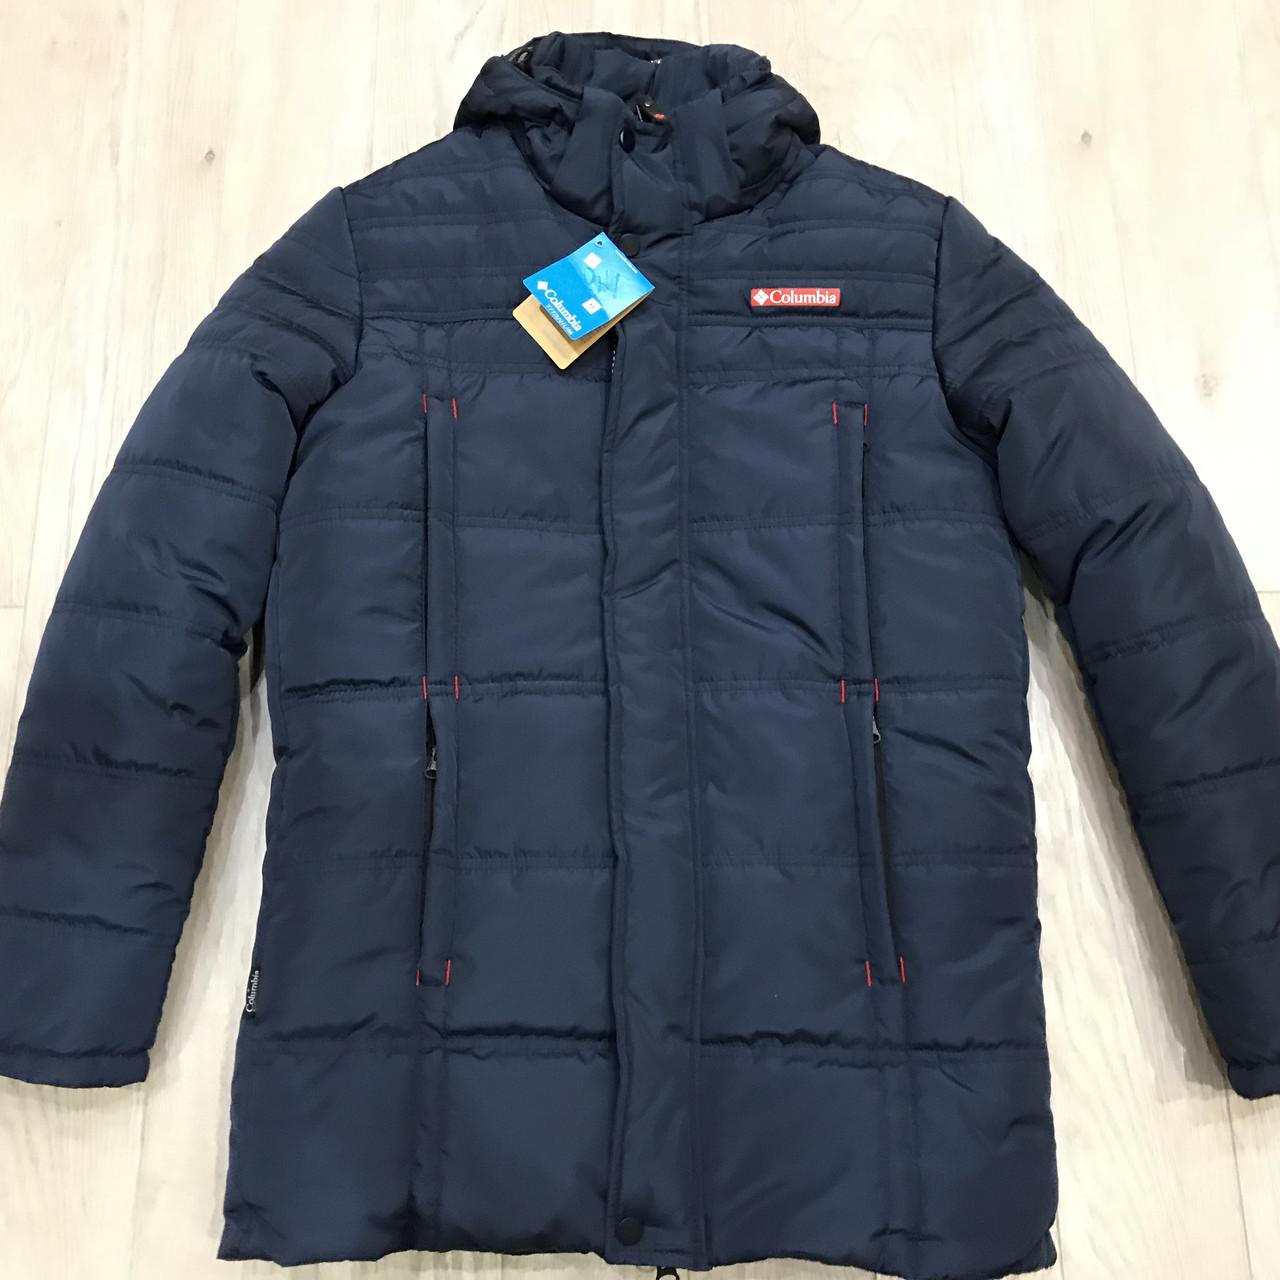 Куртка мужская зимняя в стиле Columbia (большой размер) р. 58 последний размер